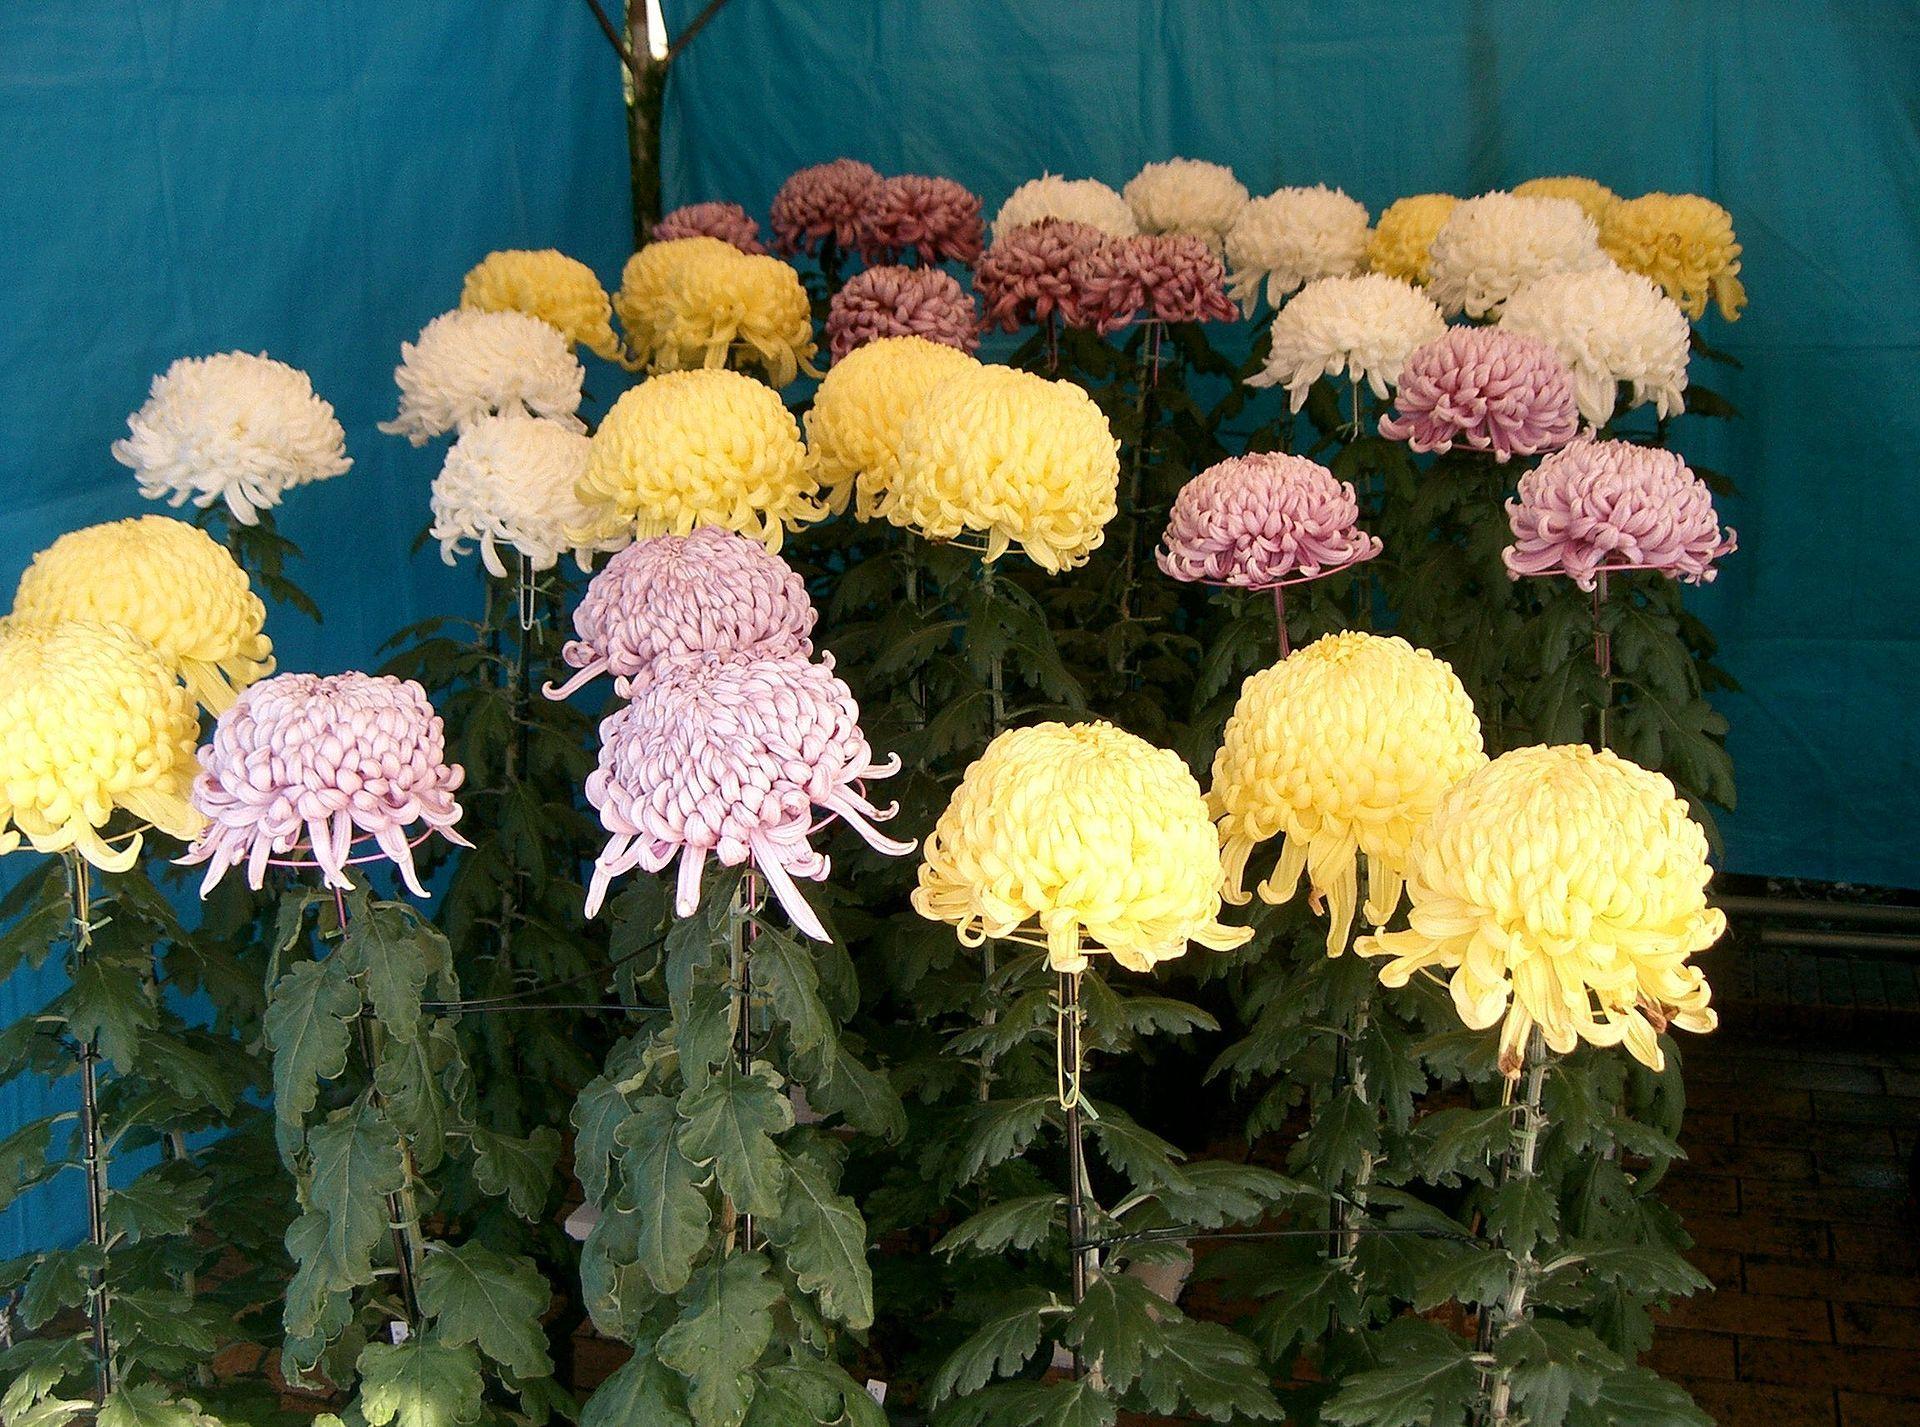 Chrysanthemum Morifolium Chrysanthemum Morifolium Chrysanthemum Chrysanthemum Growing